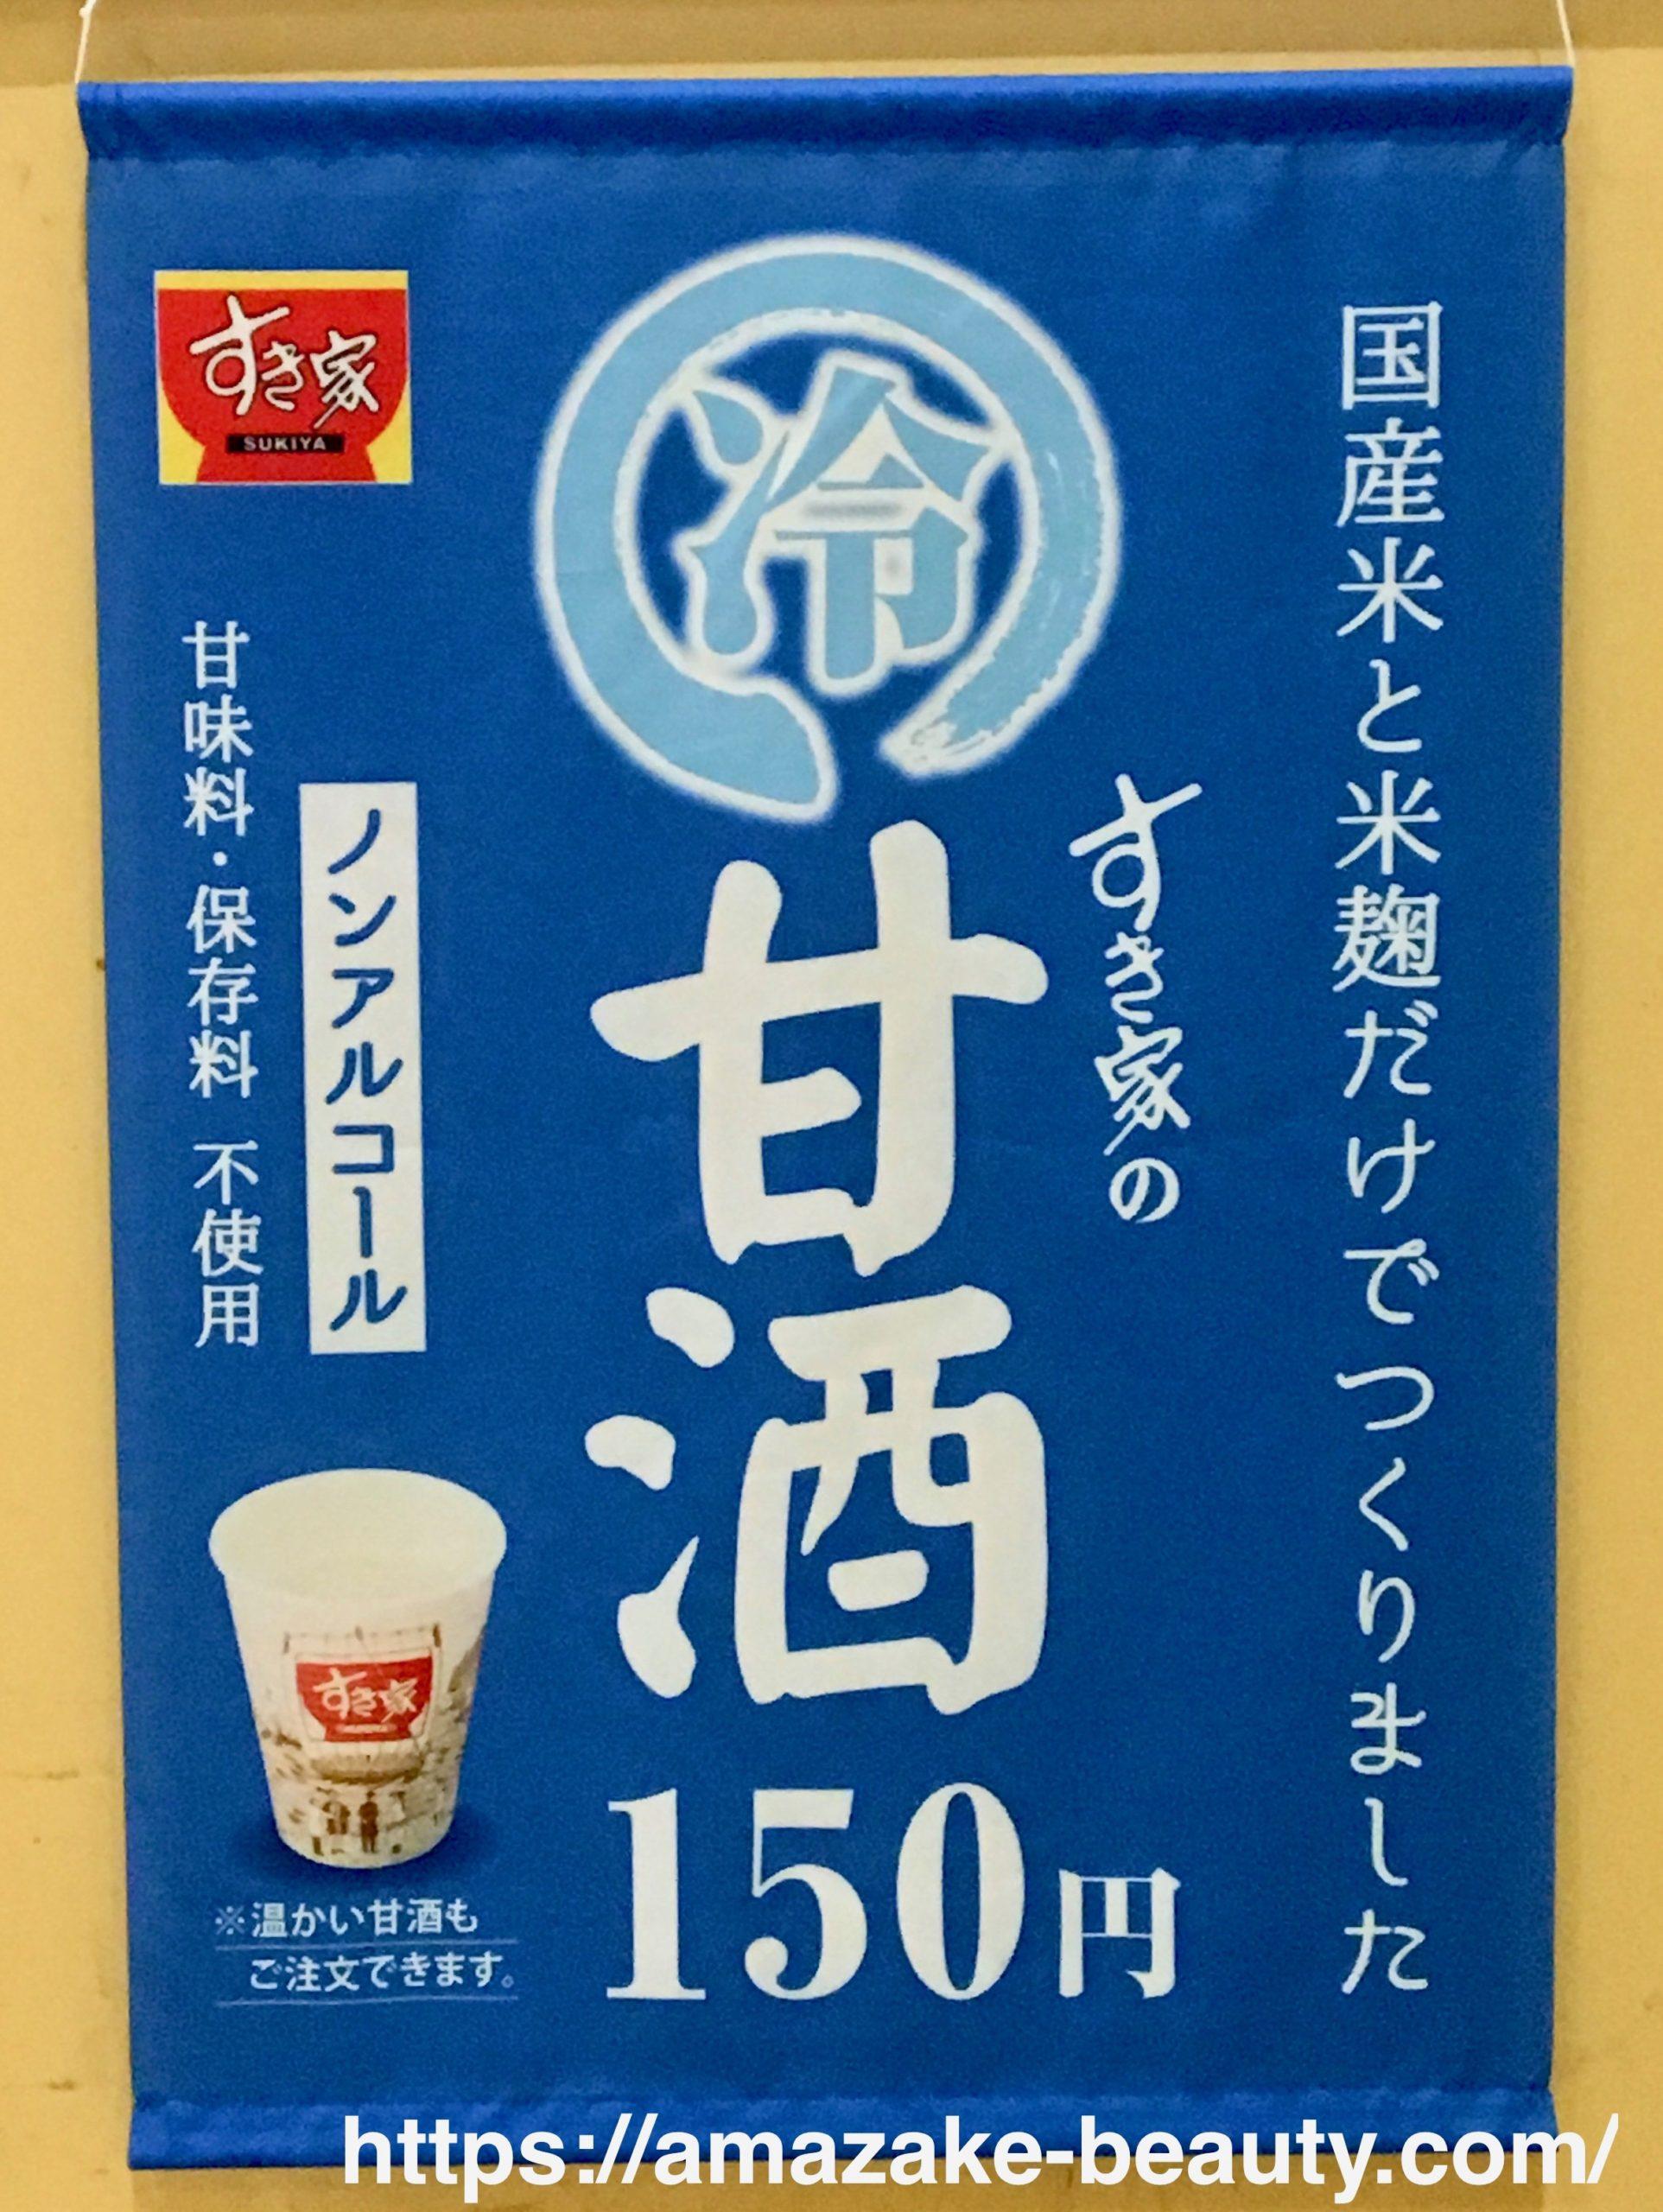 【甘酒喫茶】すき家『すき家の甘酒』(のれん)